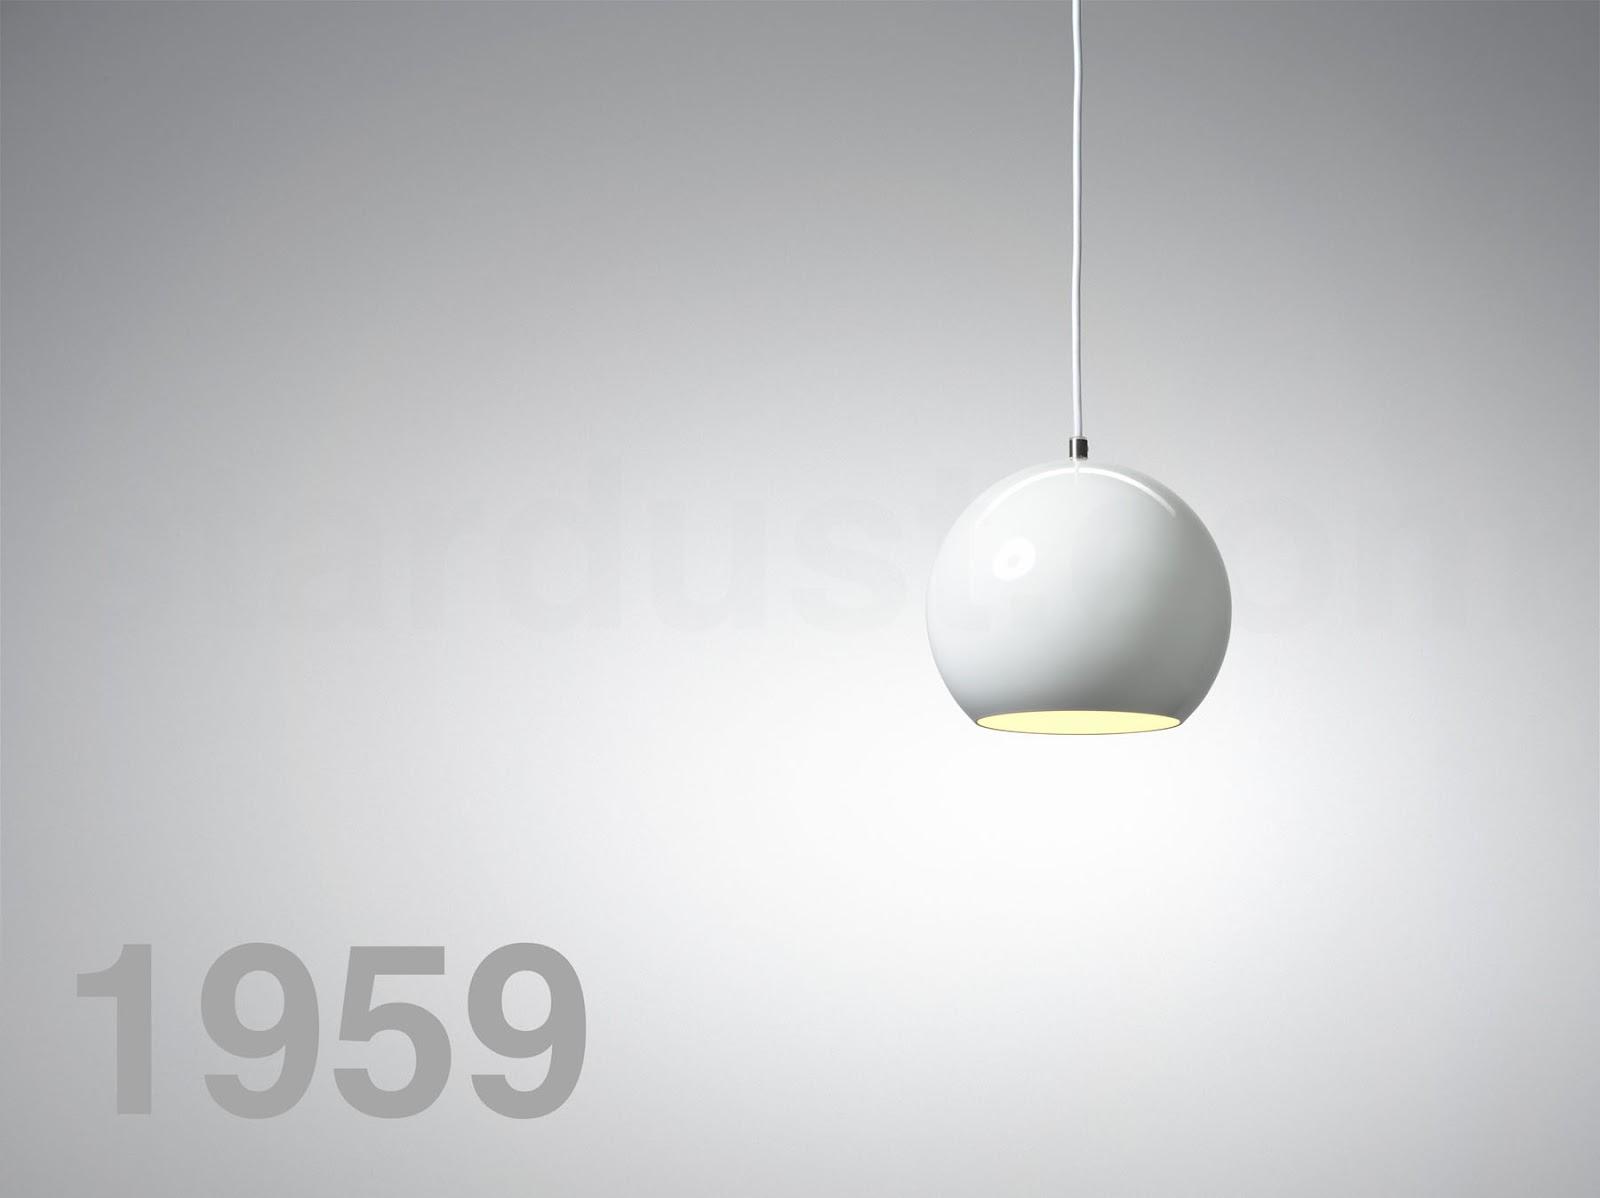 VP6 whiteglobemodernpendantlightballshape White